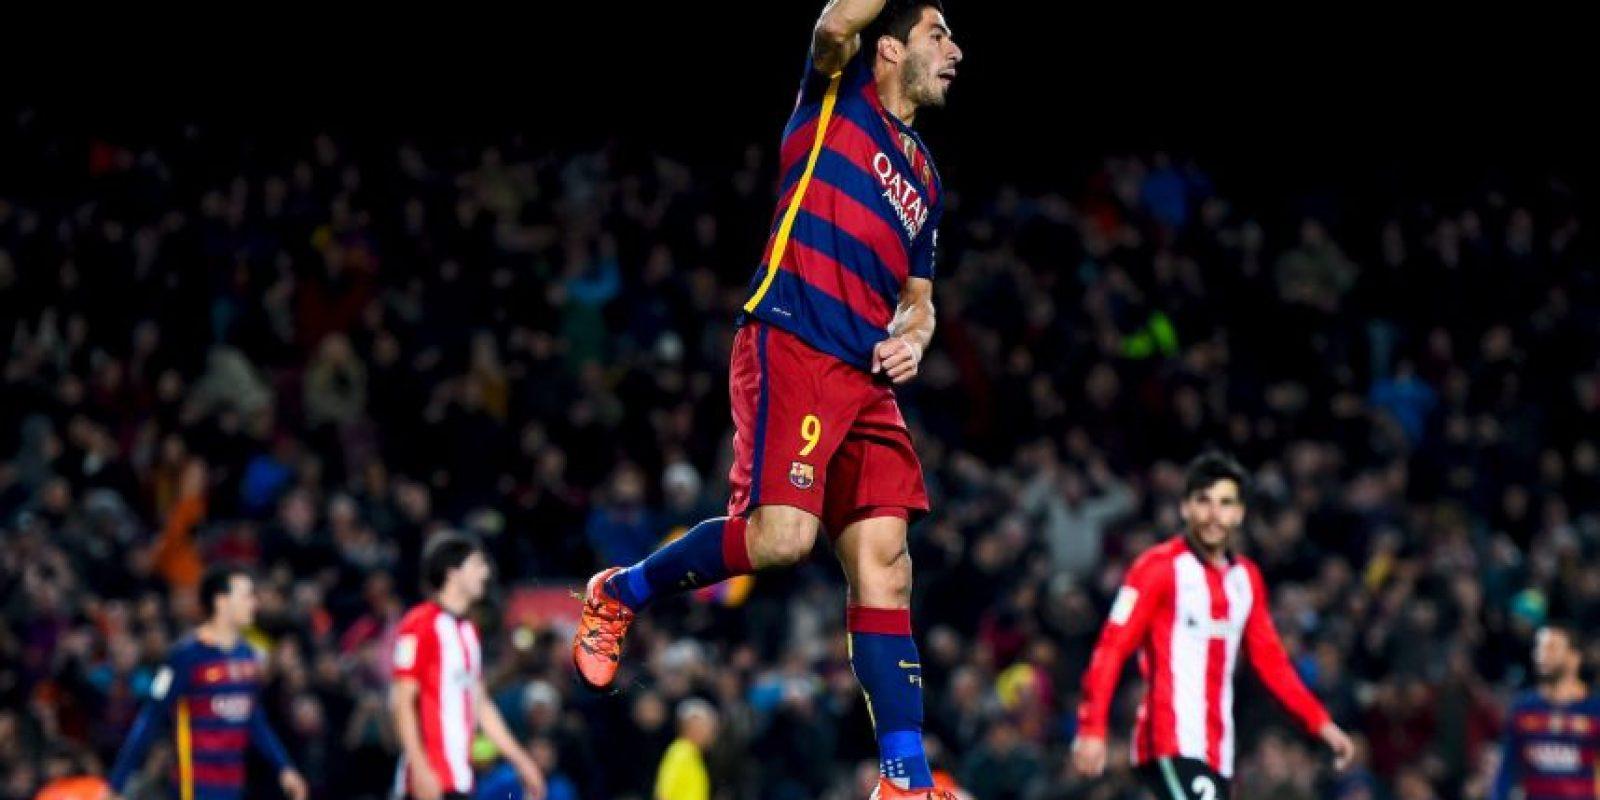 Tampoco estará disponible Luis Suárez Foto:Getty Images